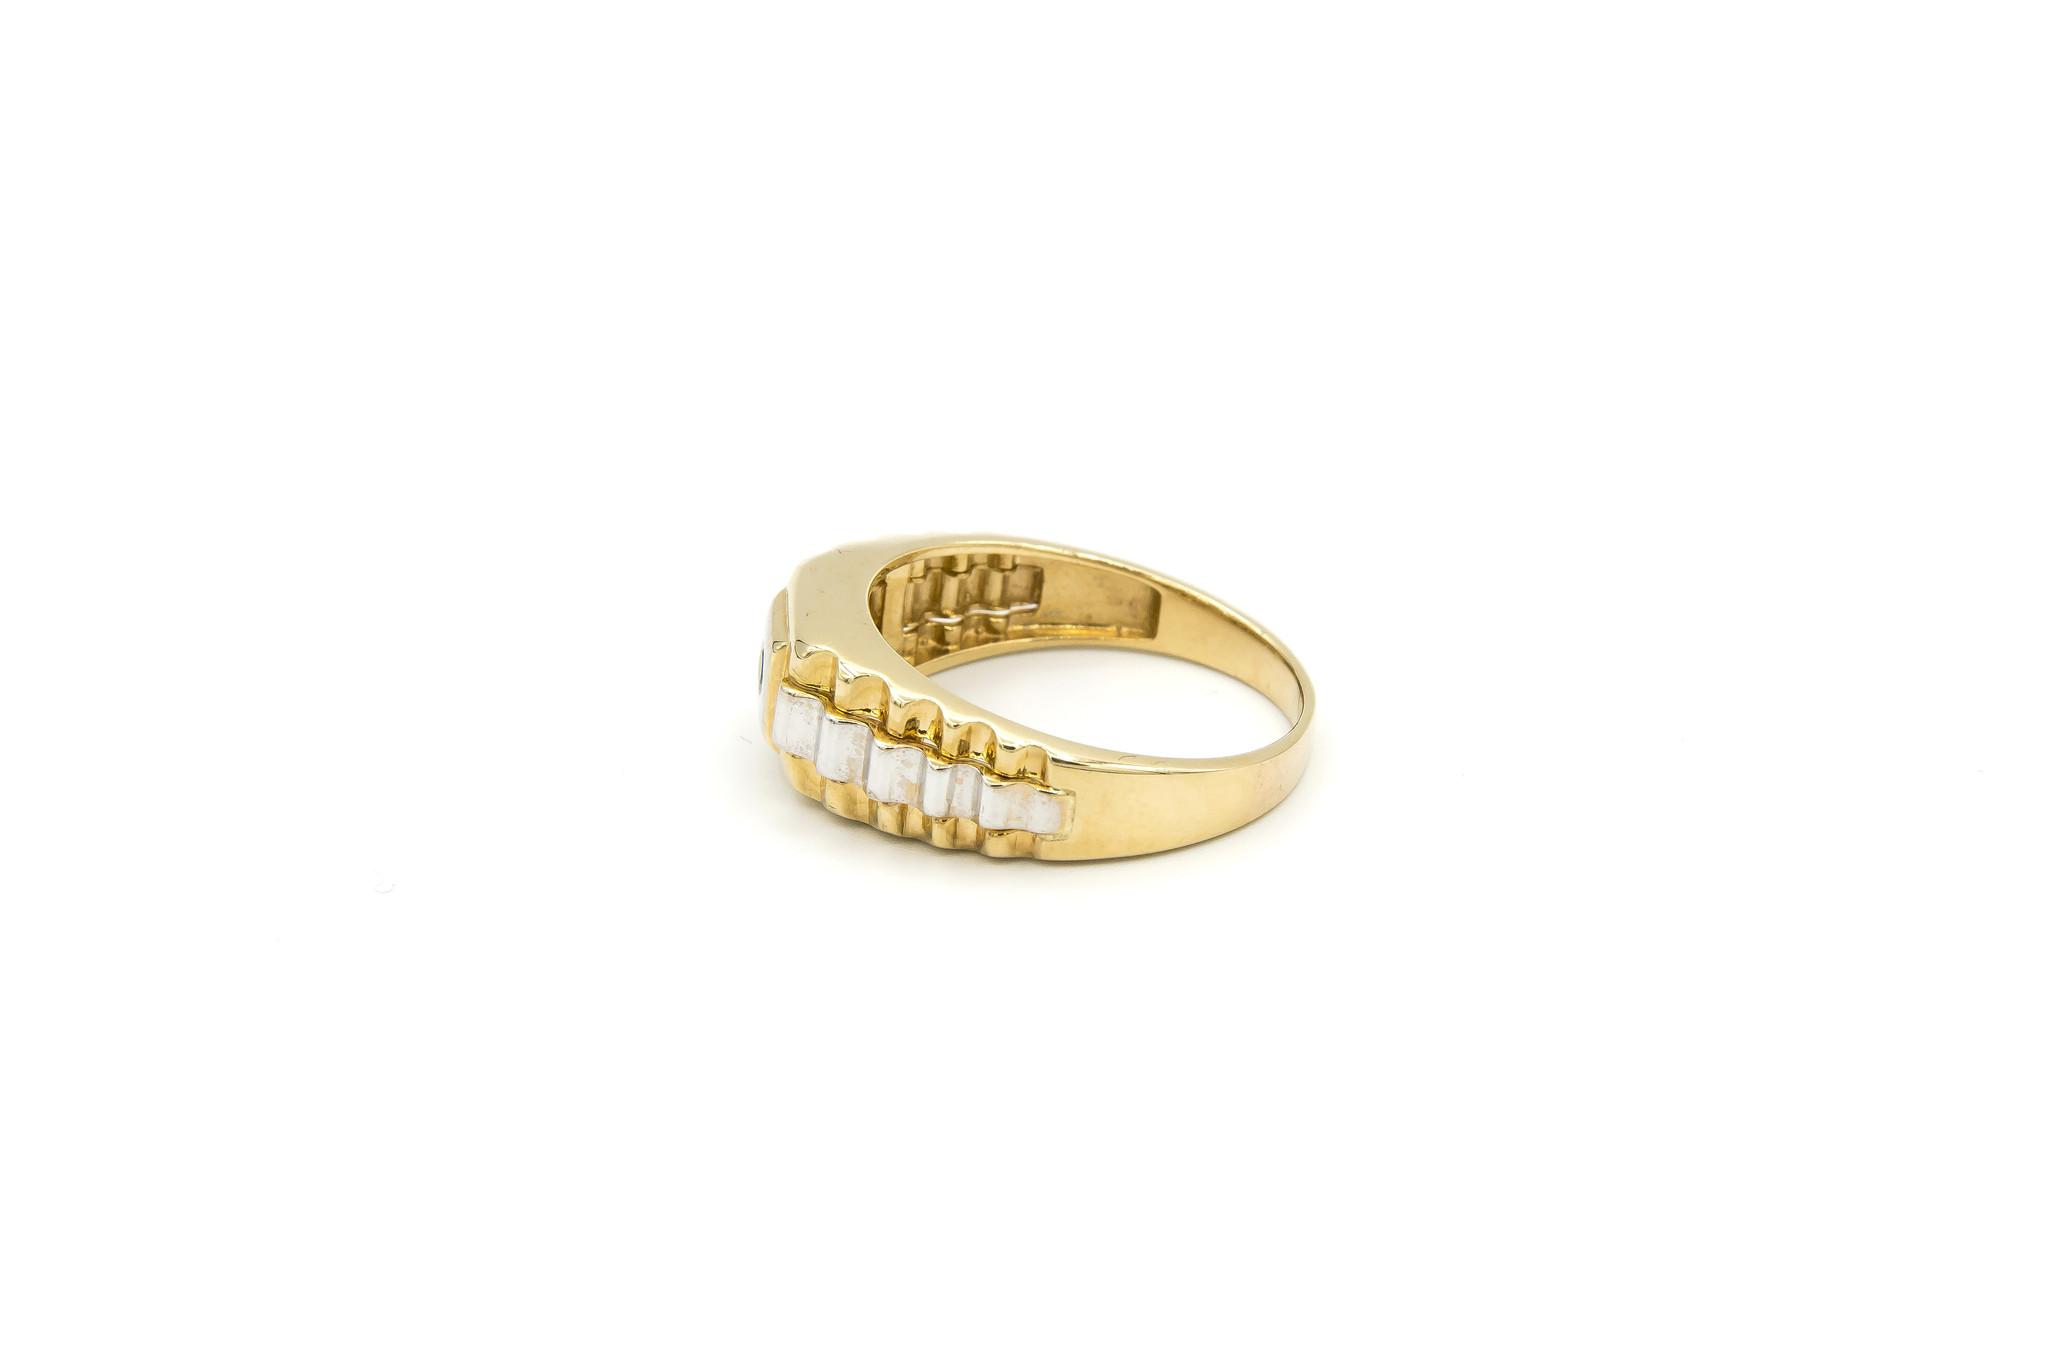 Ring zegel  wit- en geelgoud met zwarte punt-3